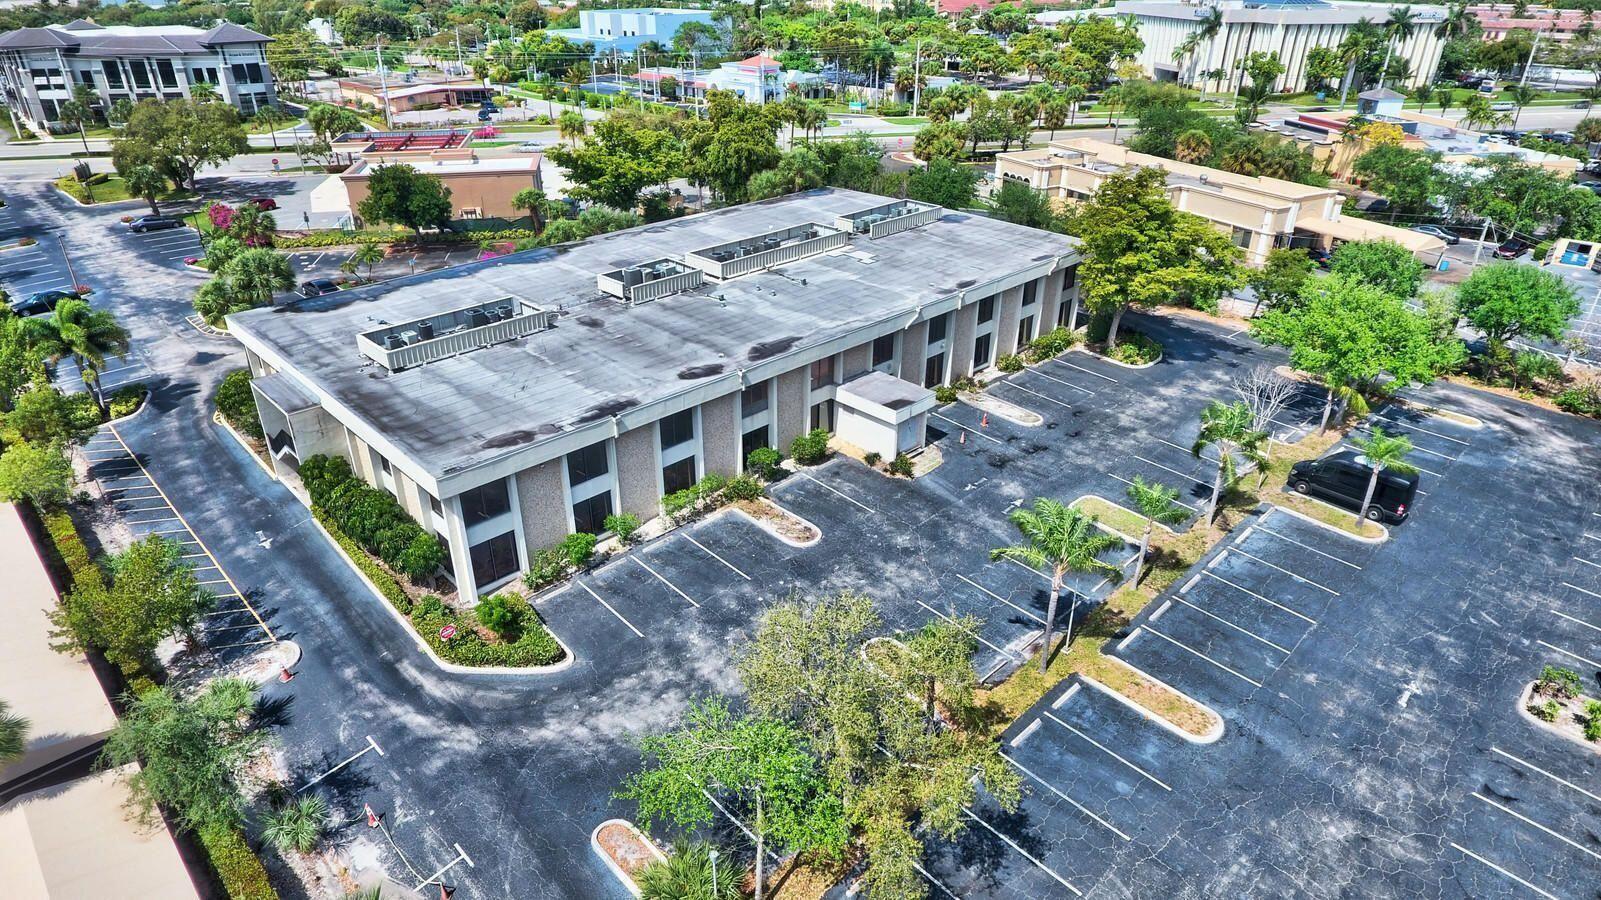 Photo of 1300 N Federal Highway #103, Boca Raton, FL 33432 (MLS # RX-10724403)